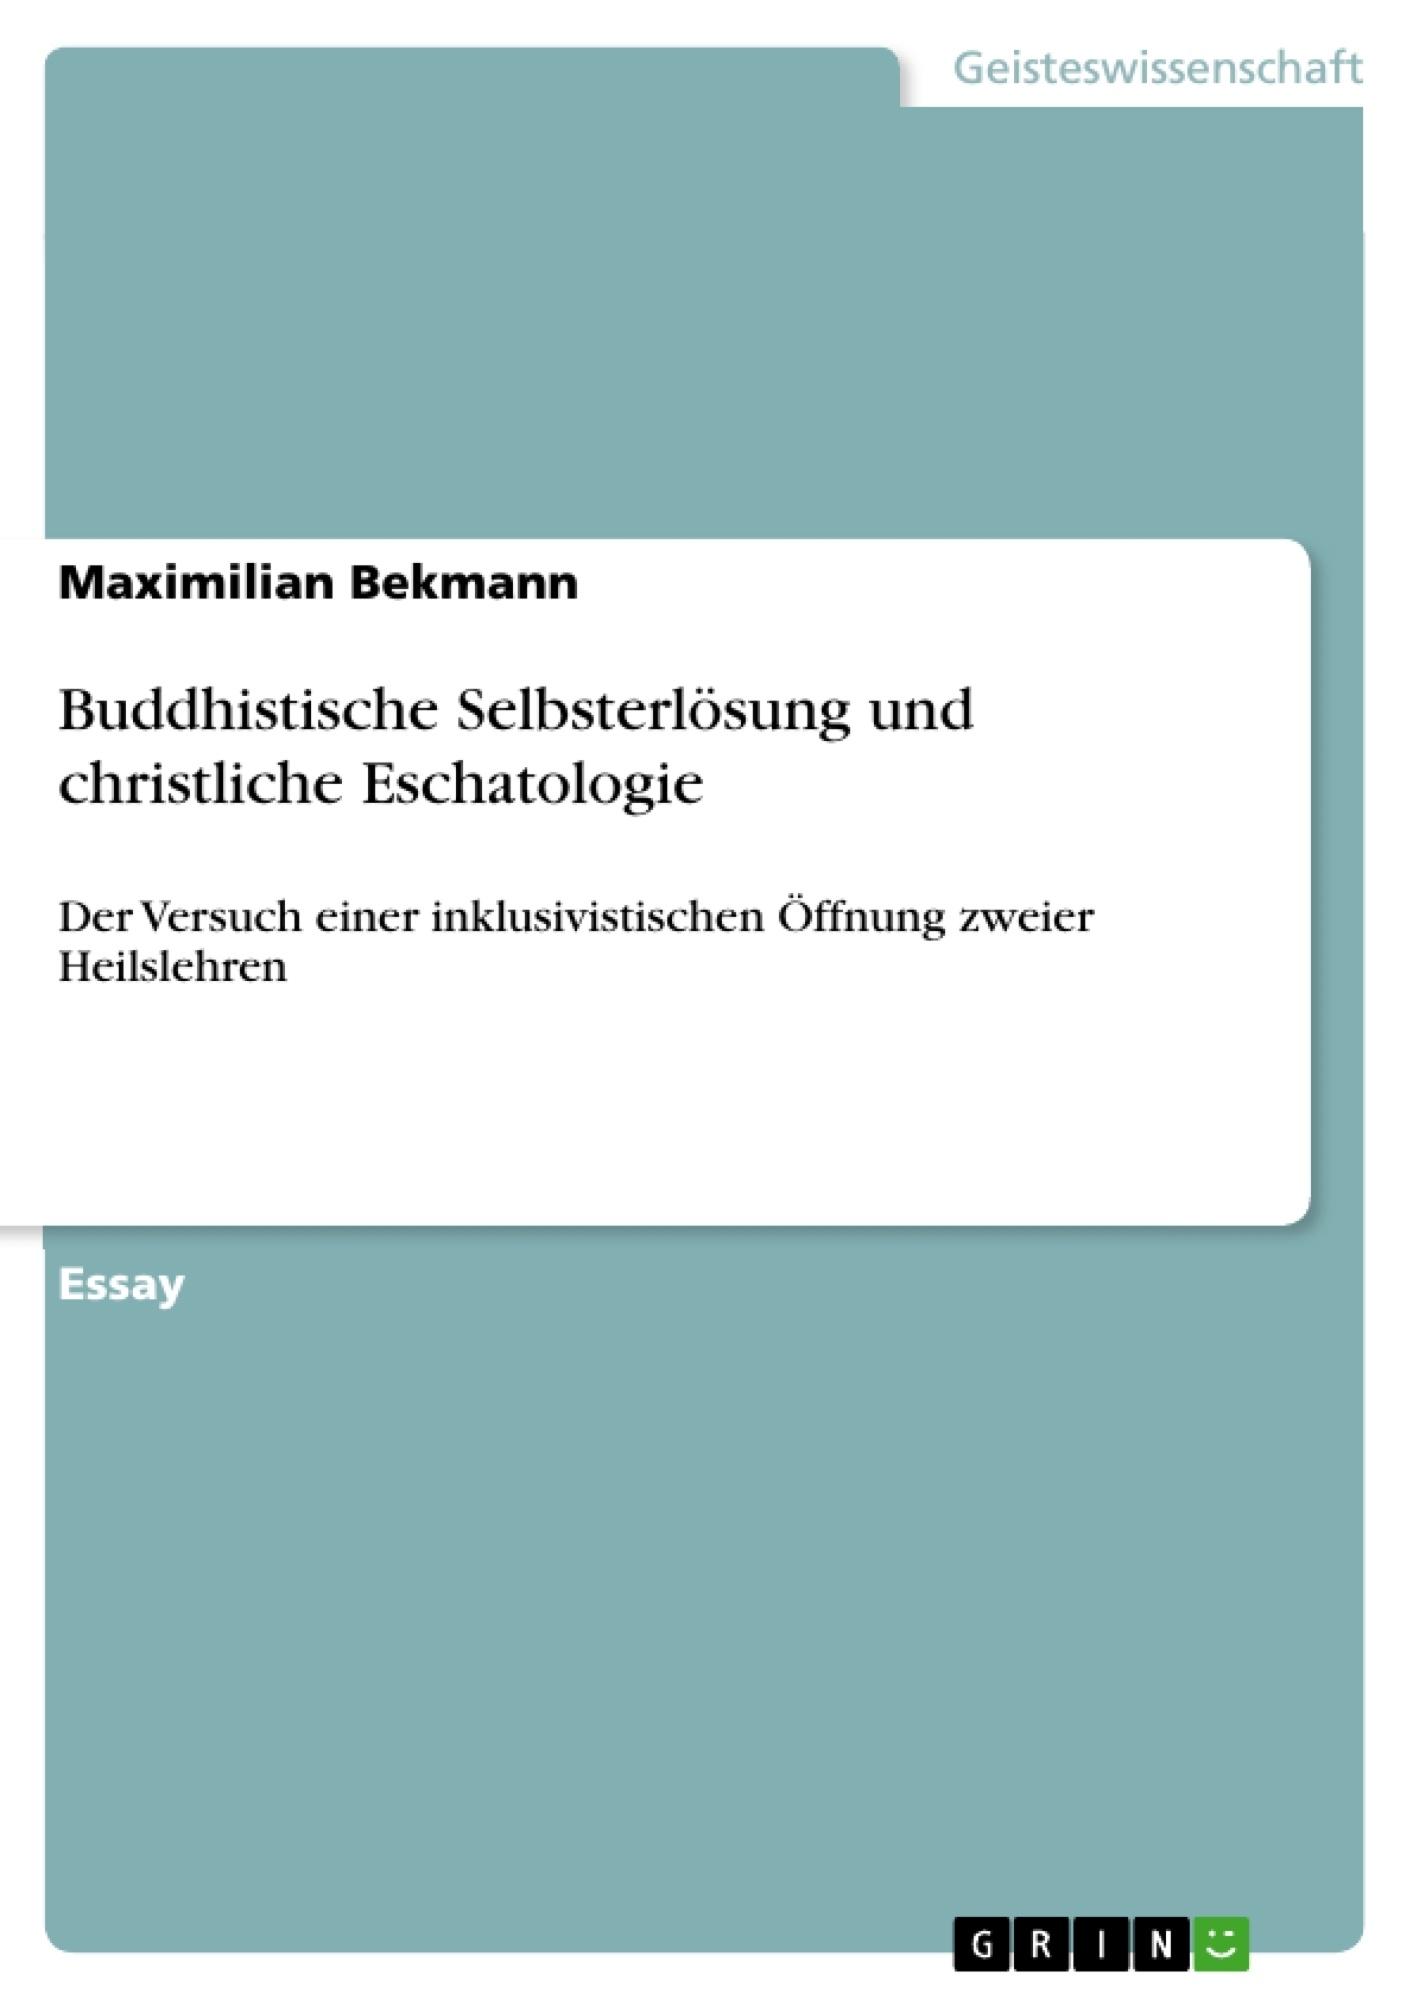 Titel: Buddhistische Selbsterlösung und christliche Eschatologie